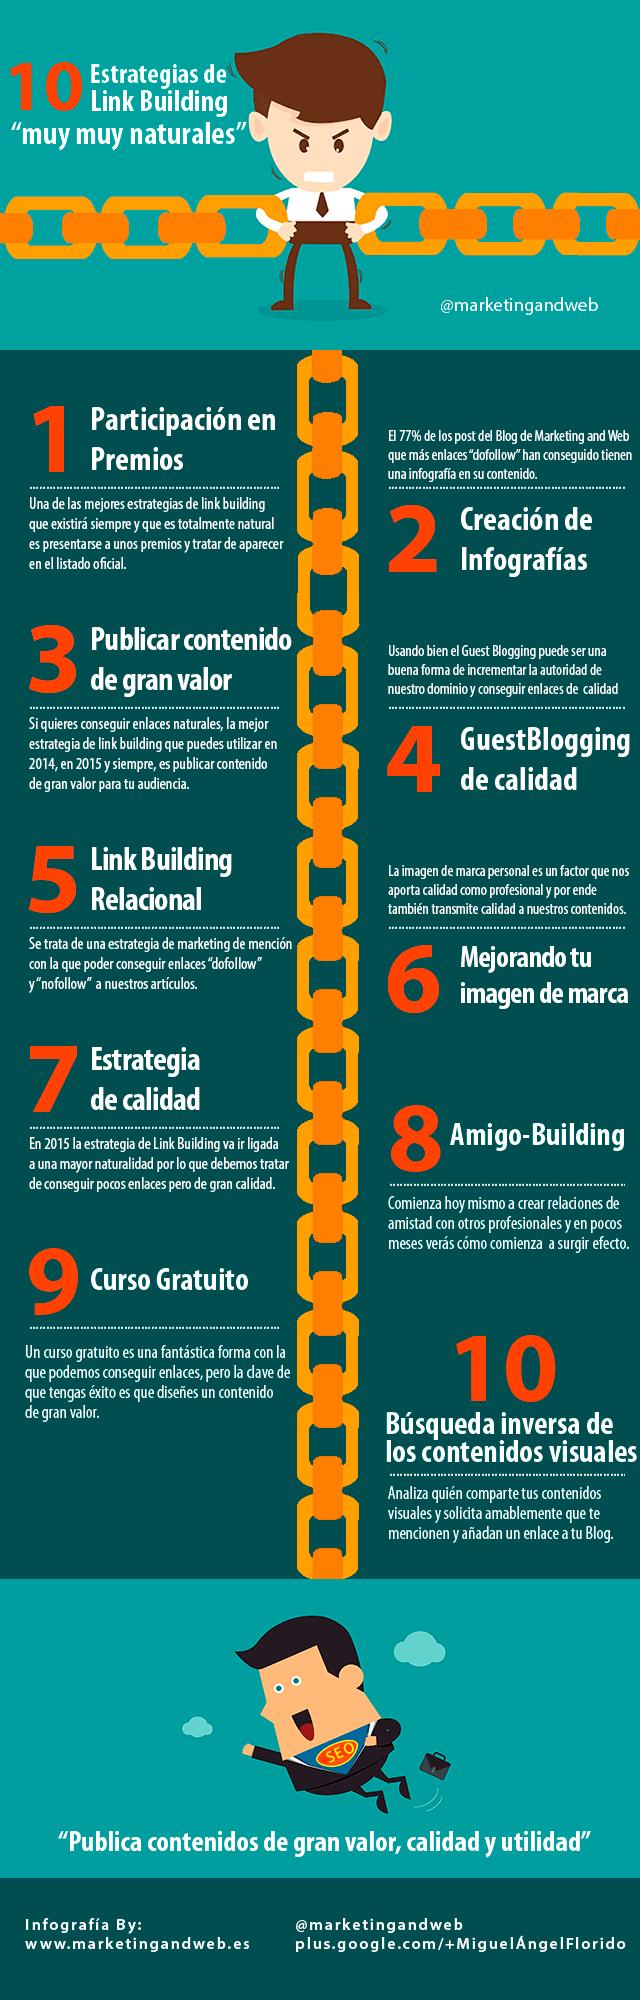 infografia link building estrategias